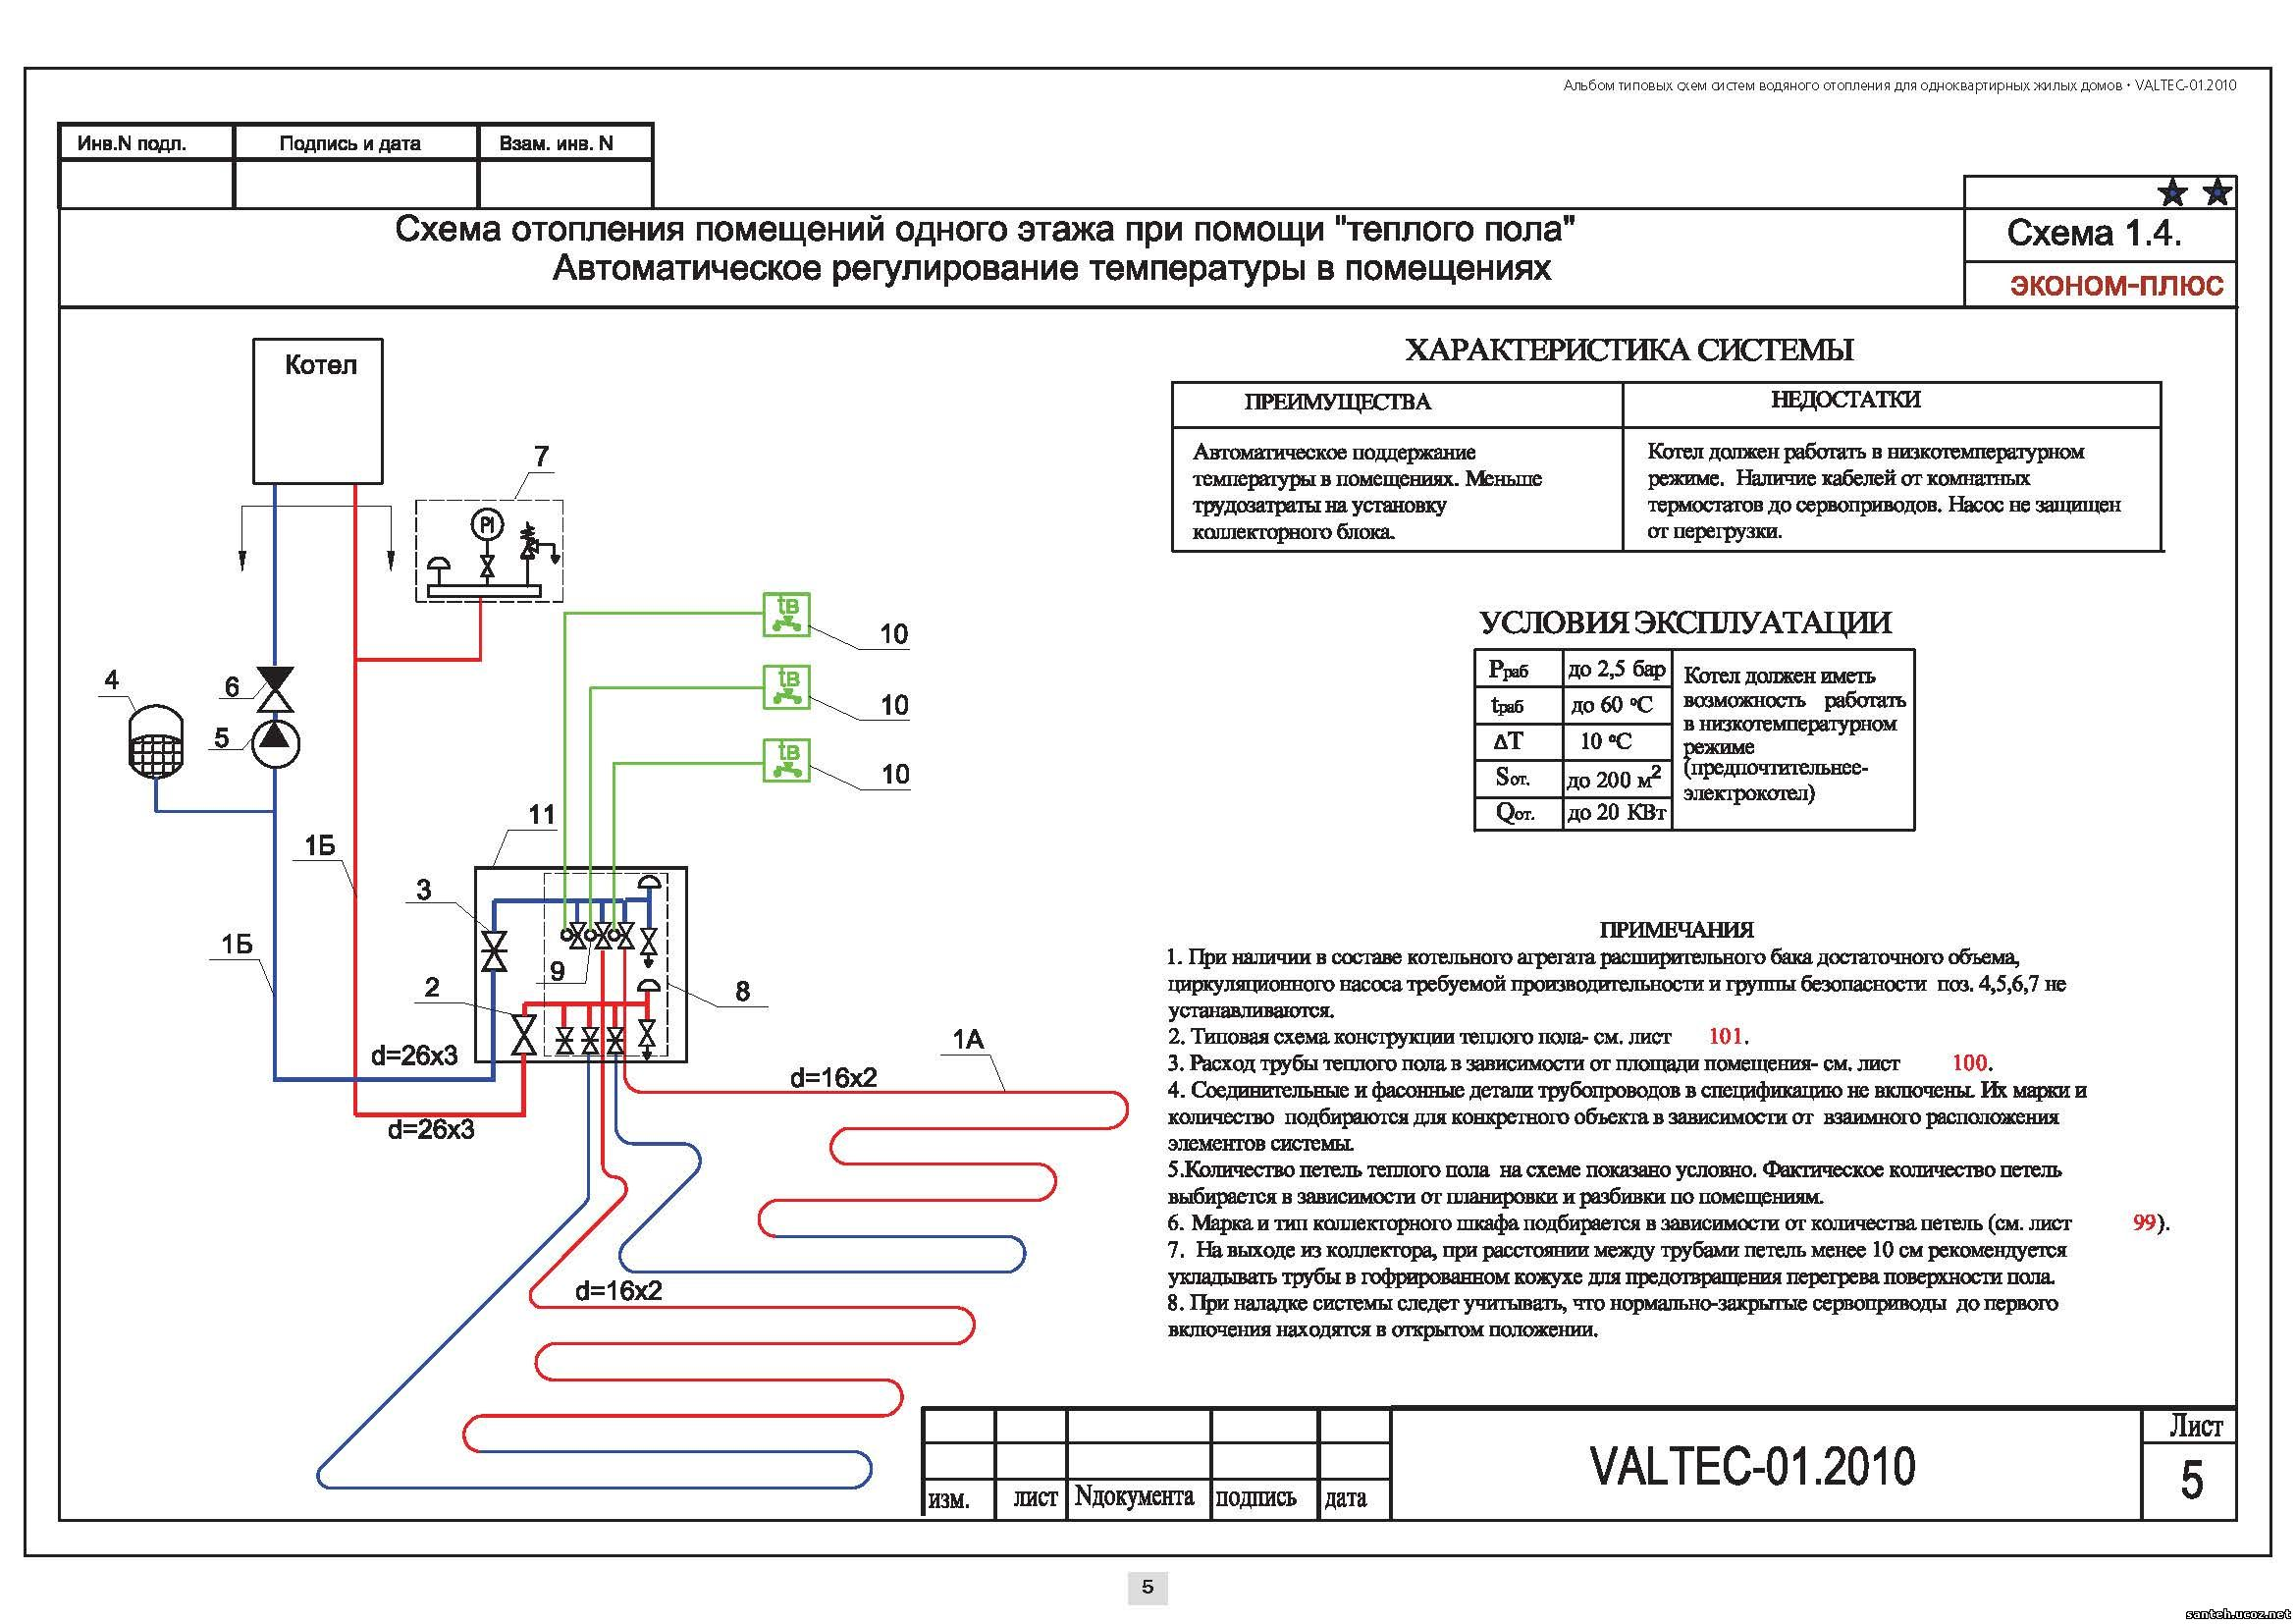 Типовая схемы отопления